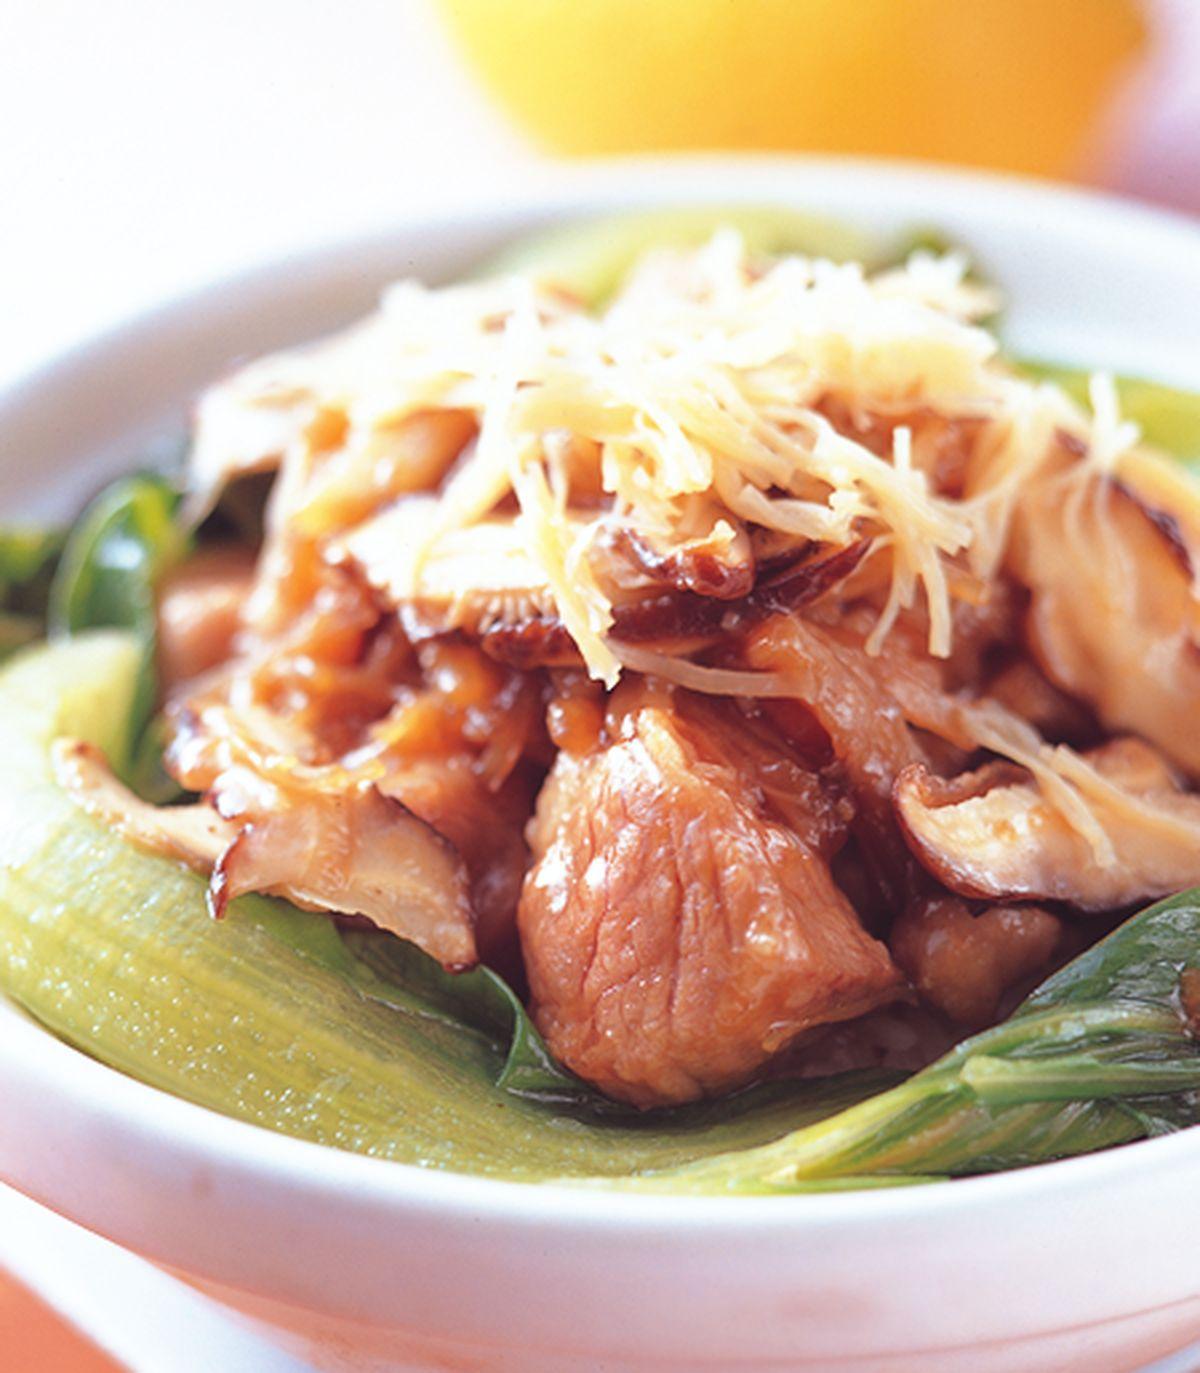 食譜:瑤柱排骨煲仔飯